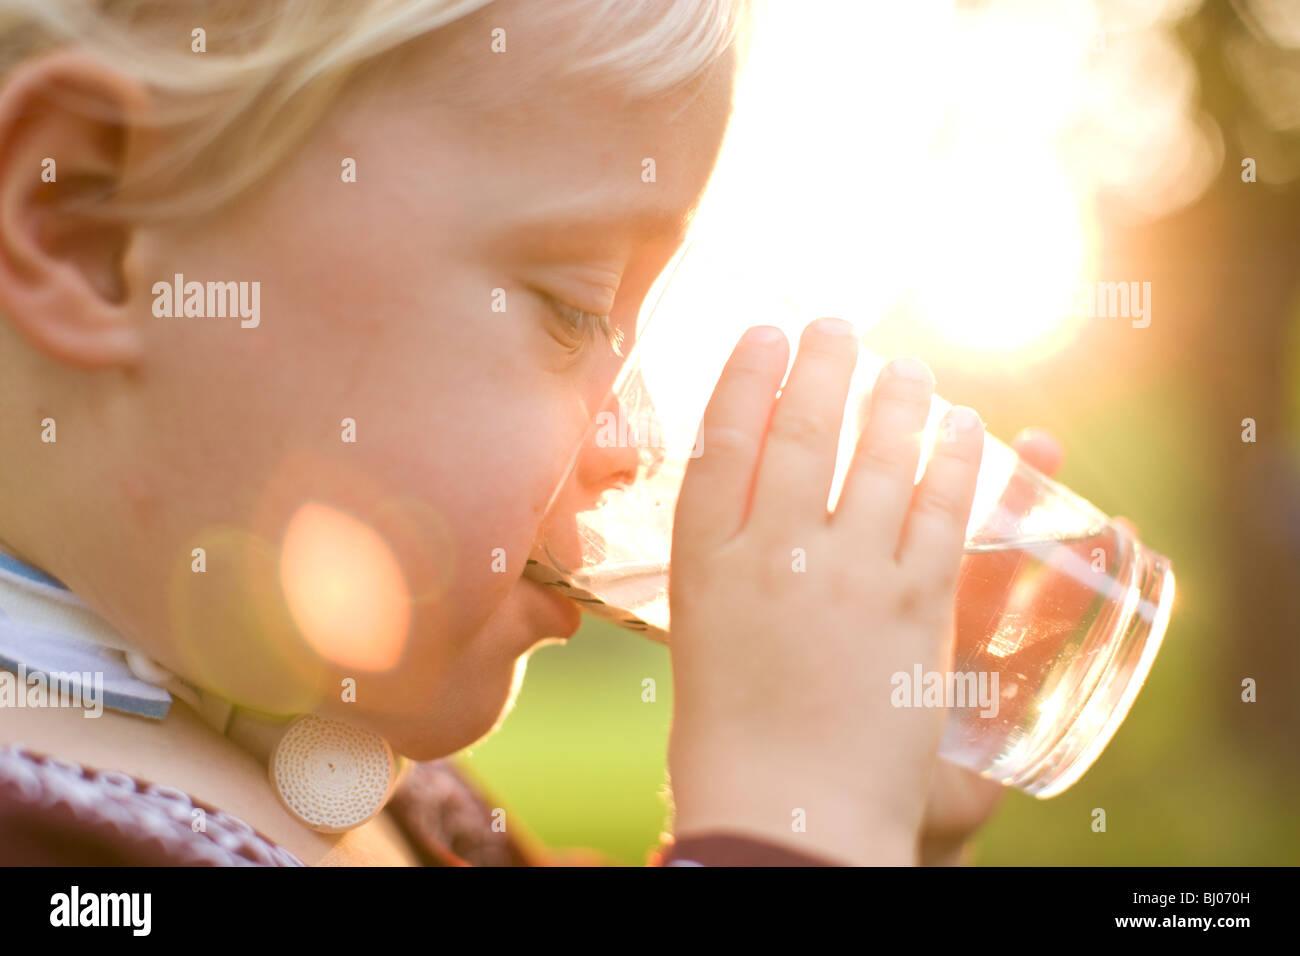 Ragazzo giovane bere un bicchiere d'acqua. Immagini Stock